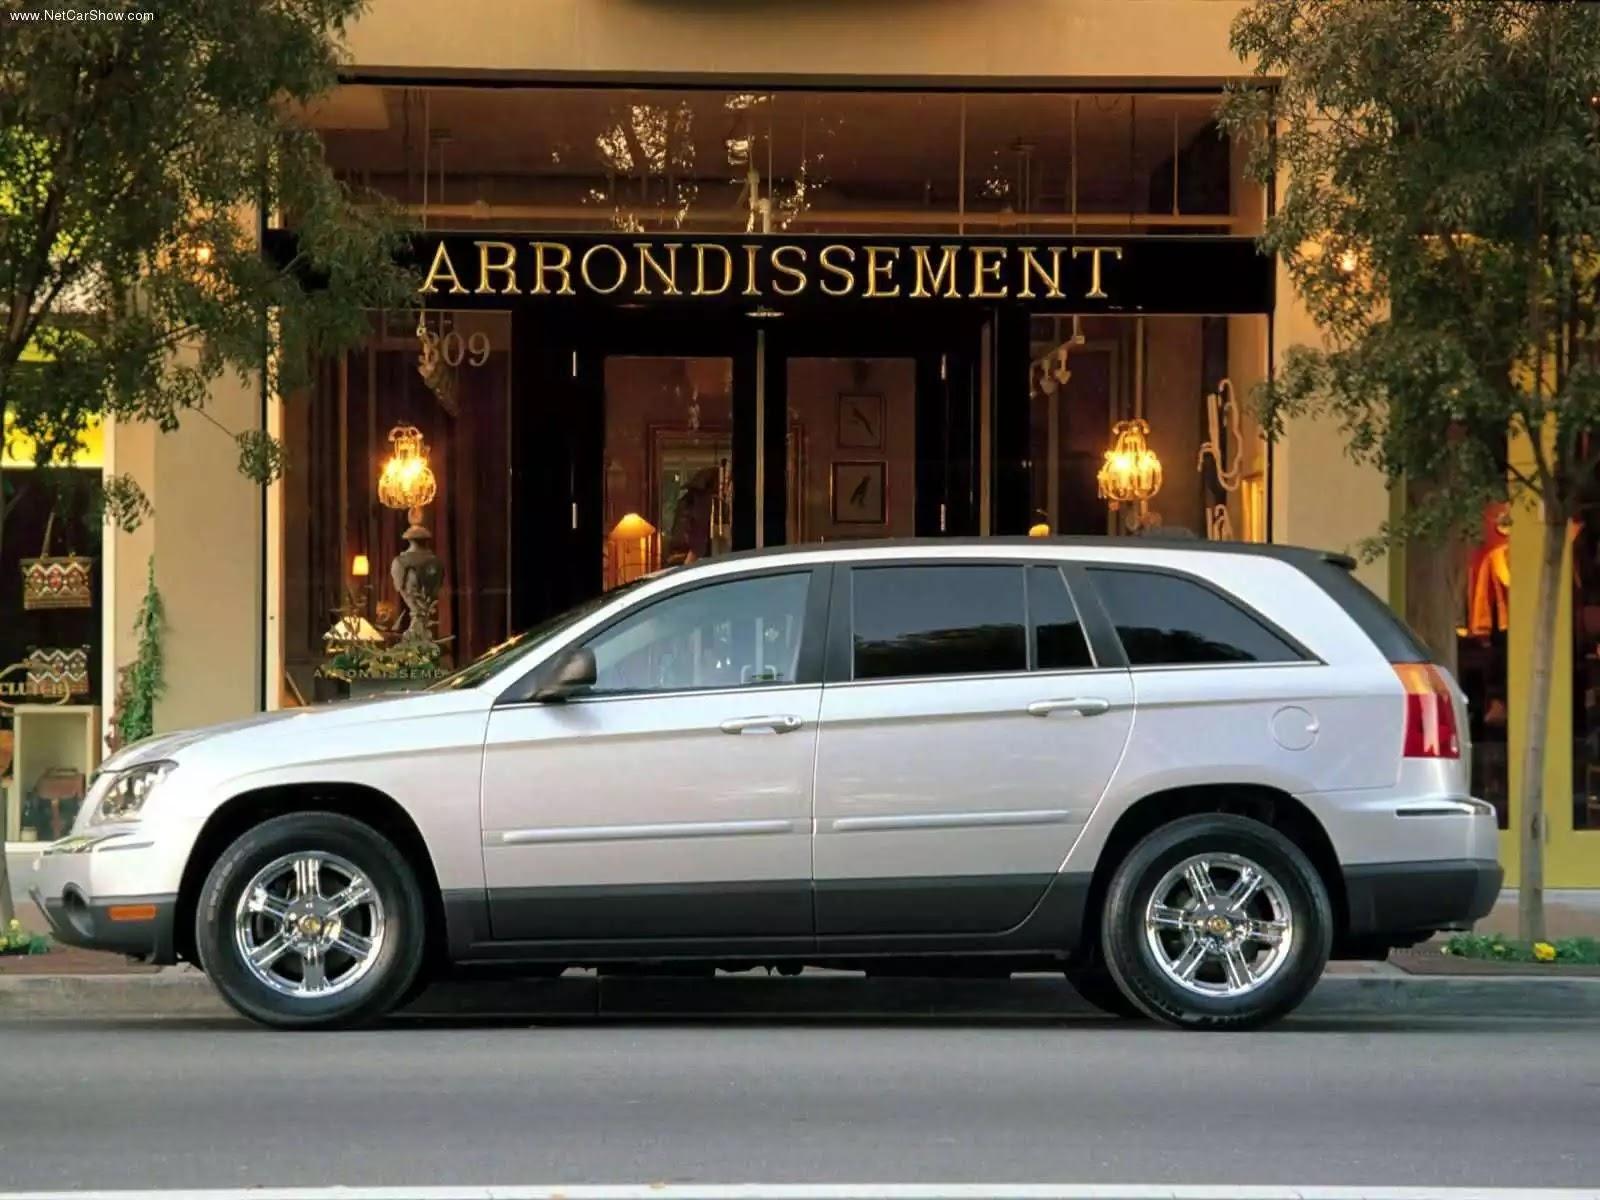 Hình ảnh xe ô tô Chrysler Pacifica 2004 & nội ngoại thất